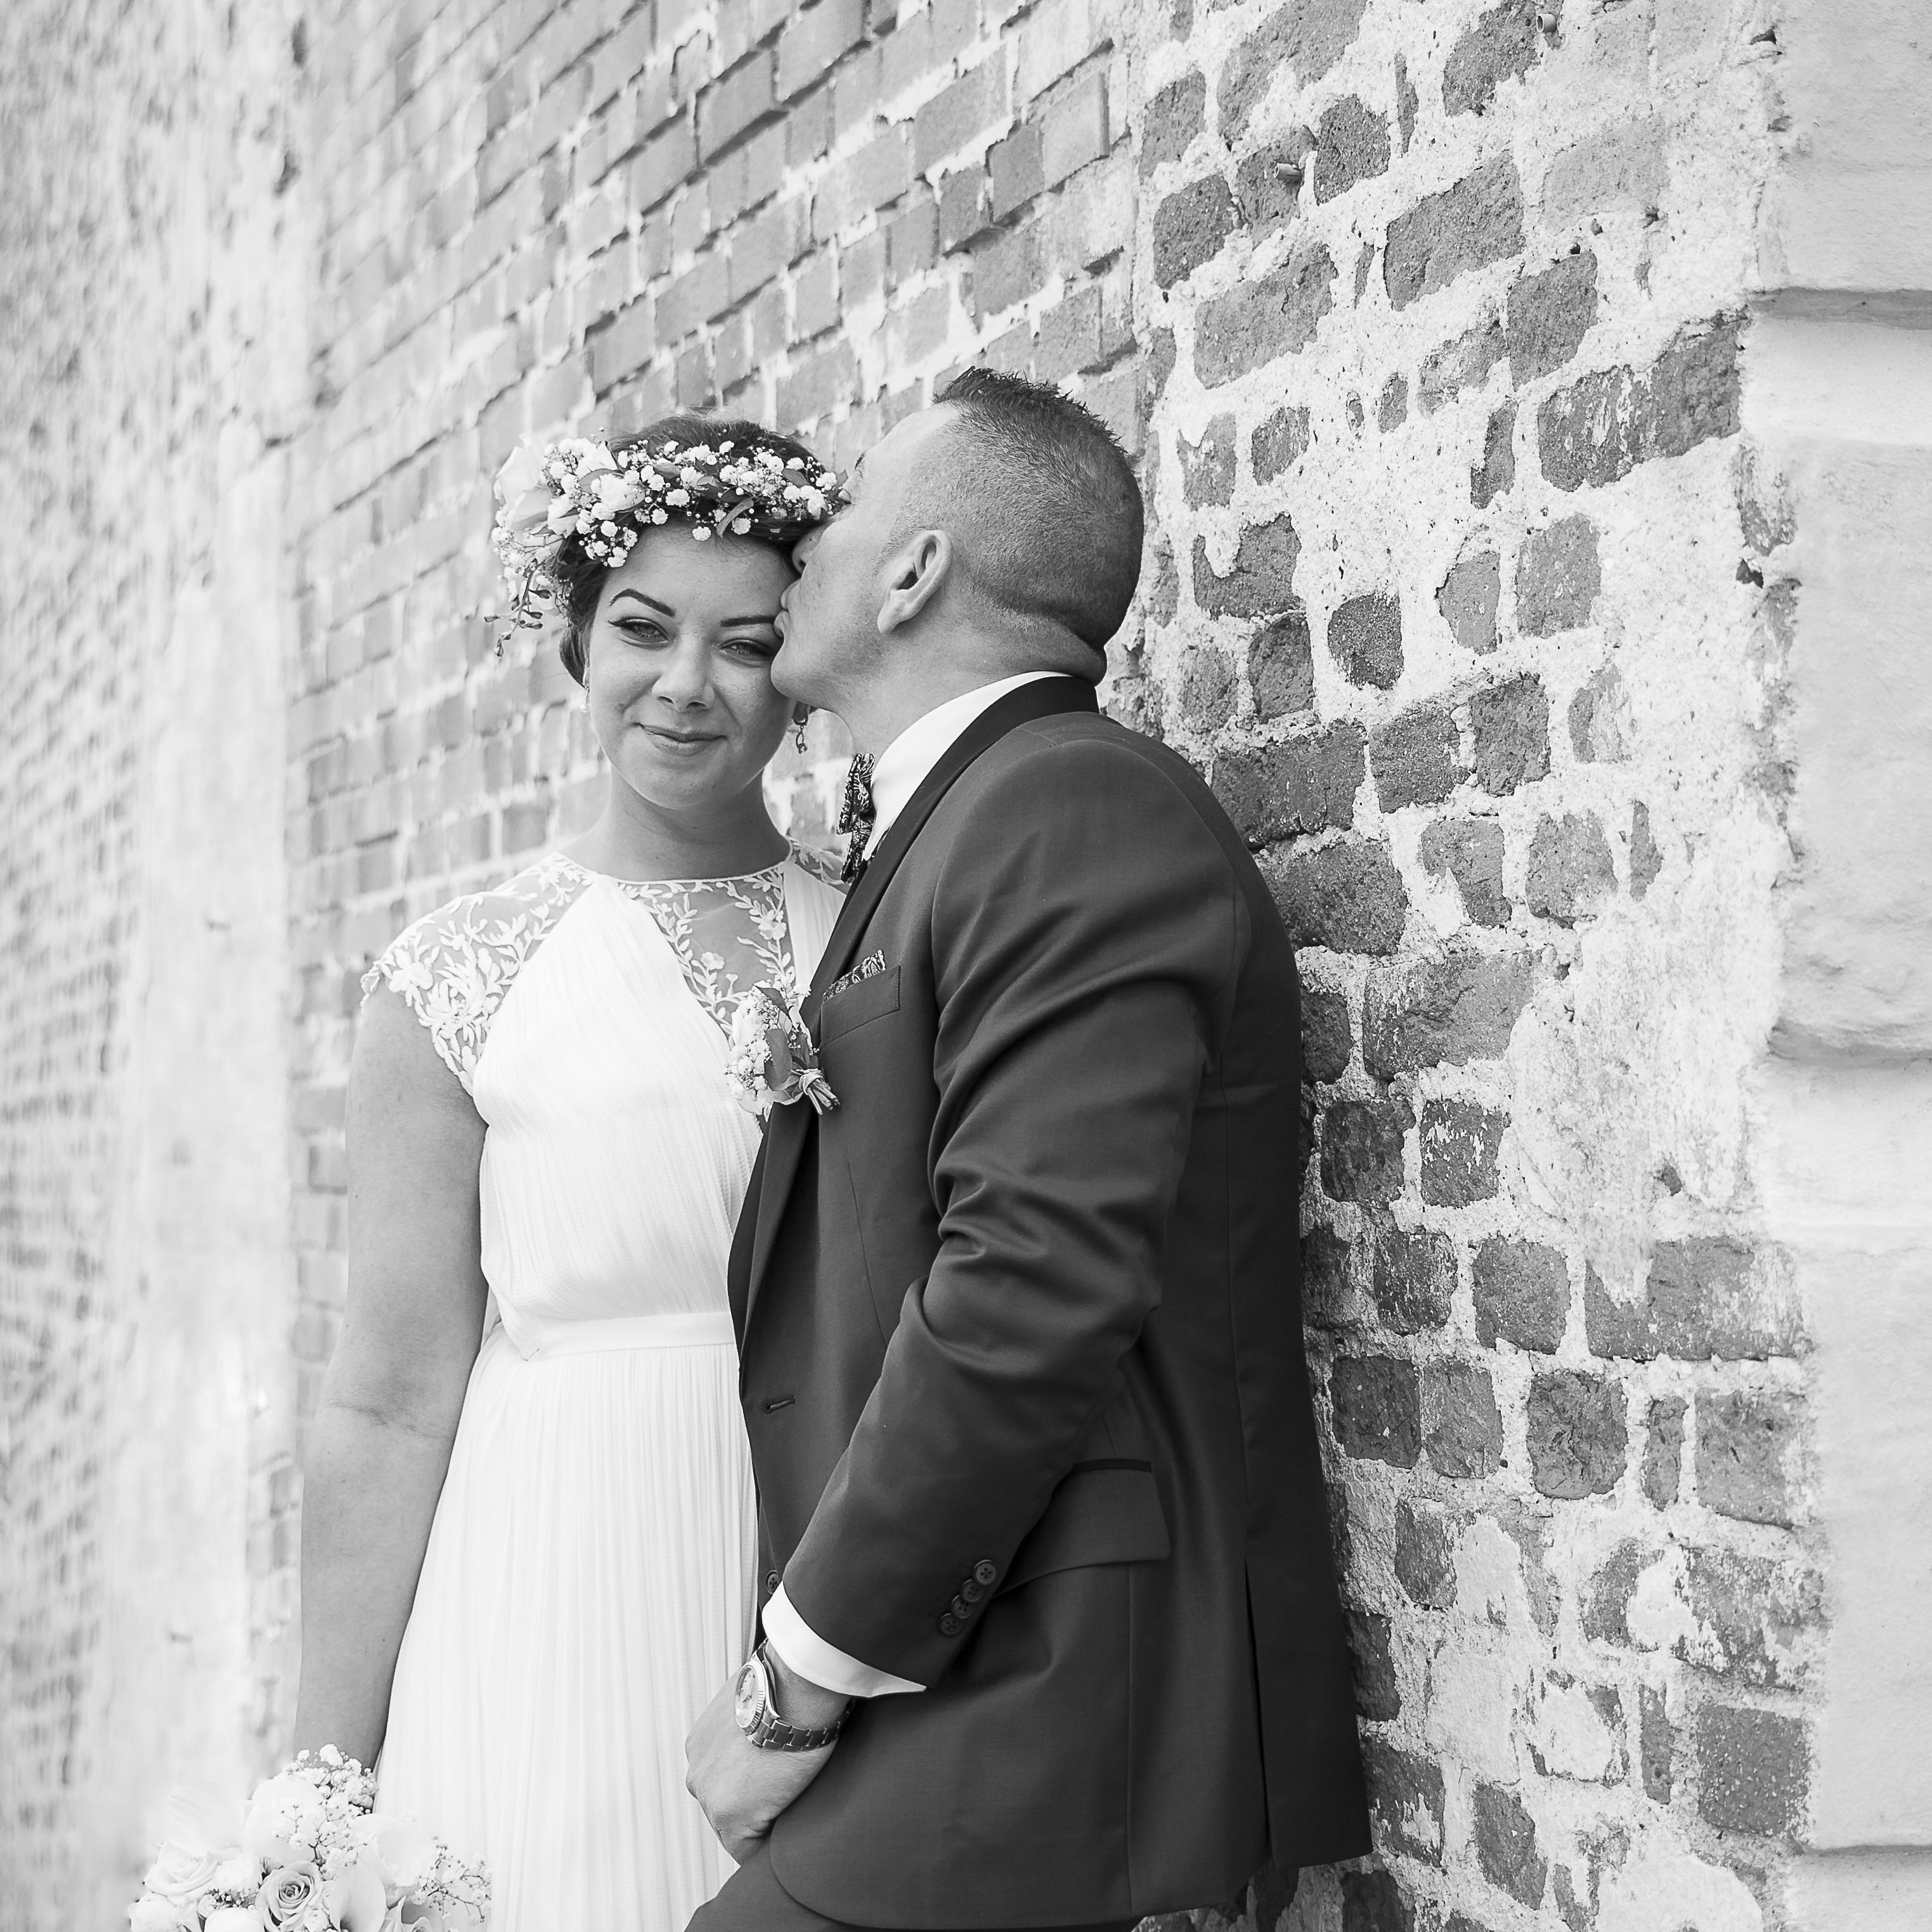 Pinkstudio by Angelina Devine 171A4308 Vind for 15.000 kr bryllupsfotografering Bryllup Nyheder Tilbud